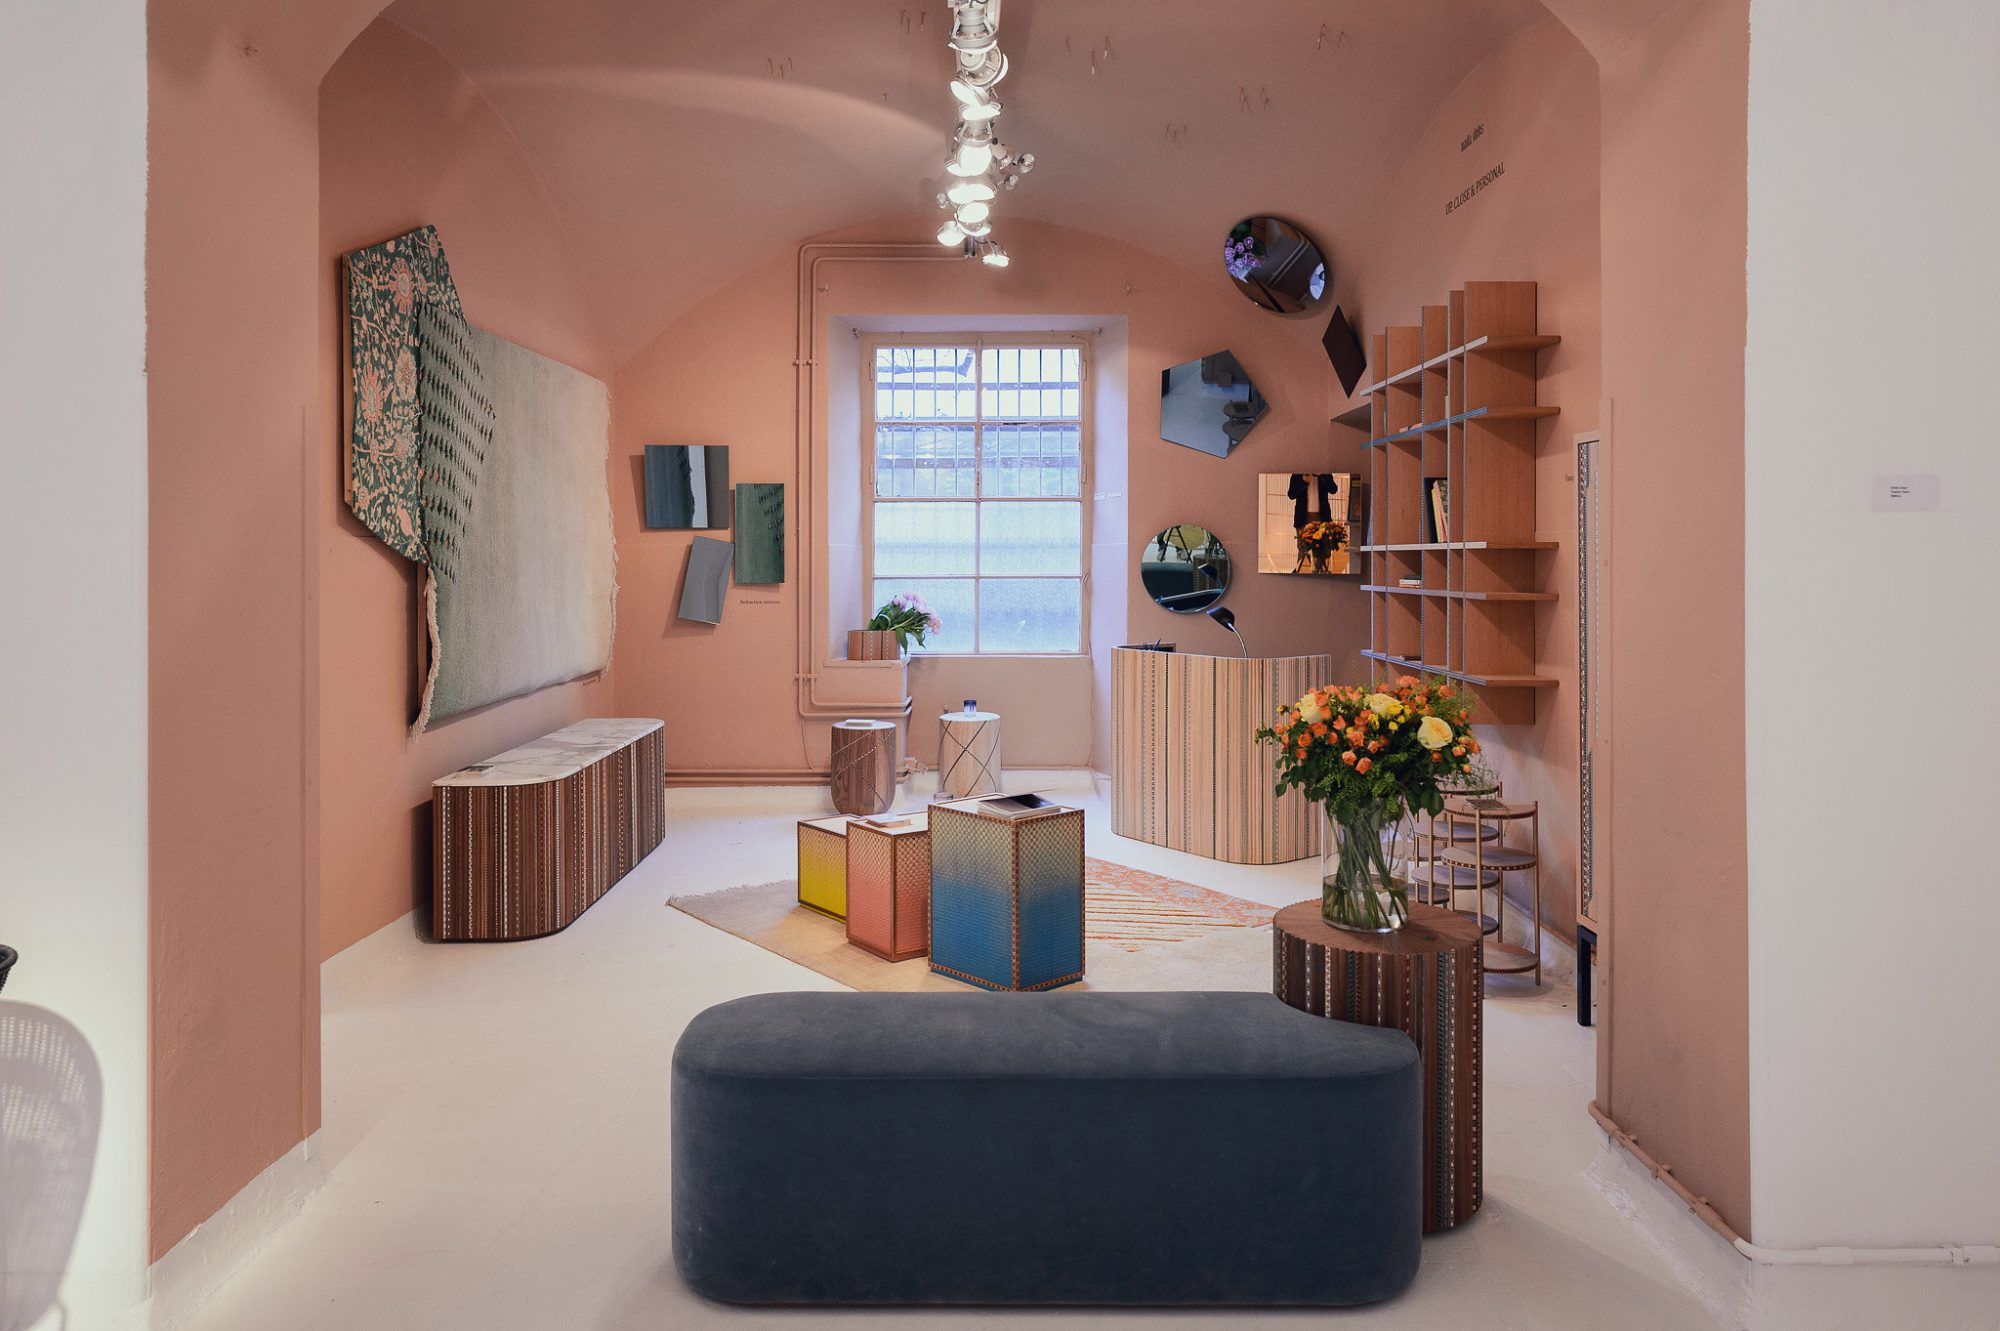 Jotun presenta un nuevo color en la feria del mueble de mil n - Feria del mueble milan ...